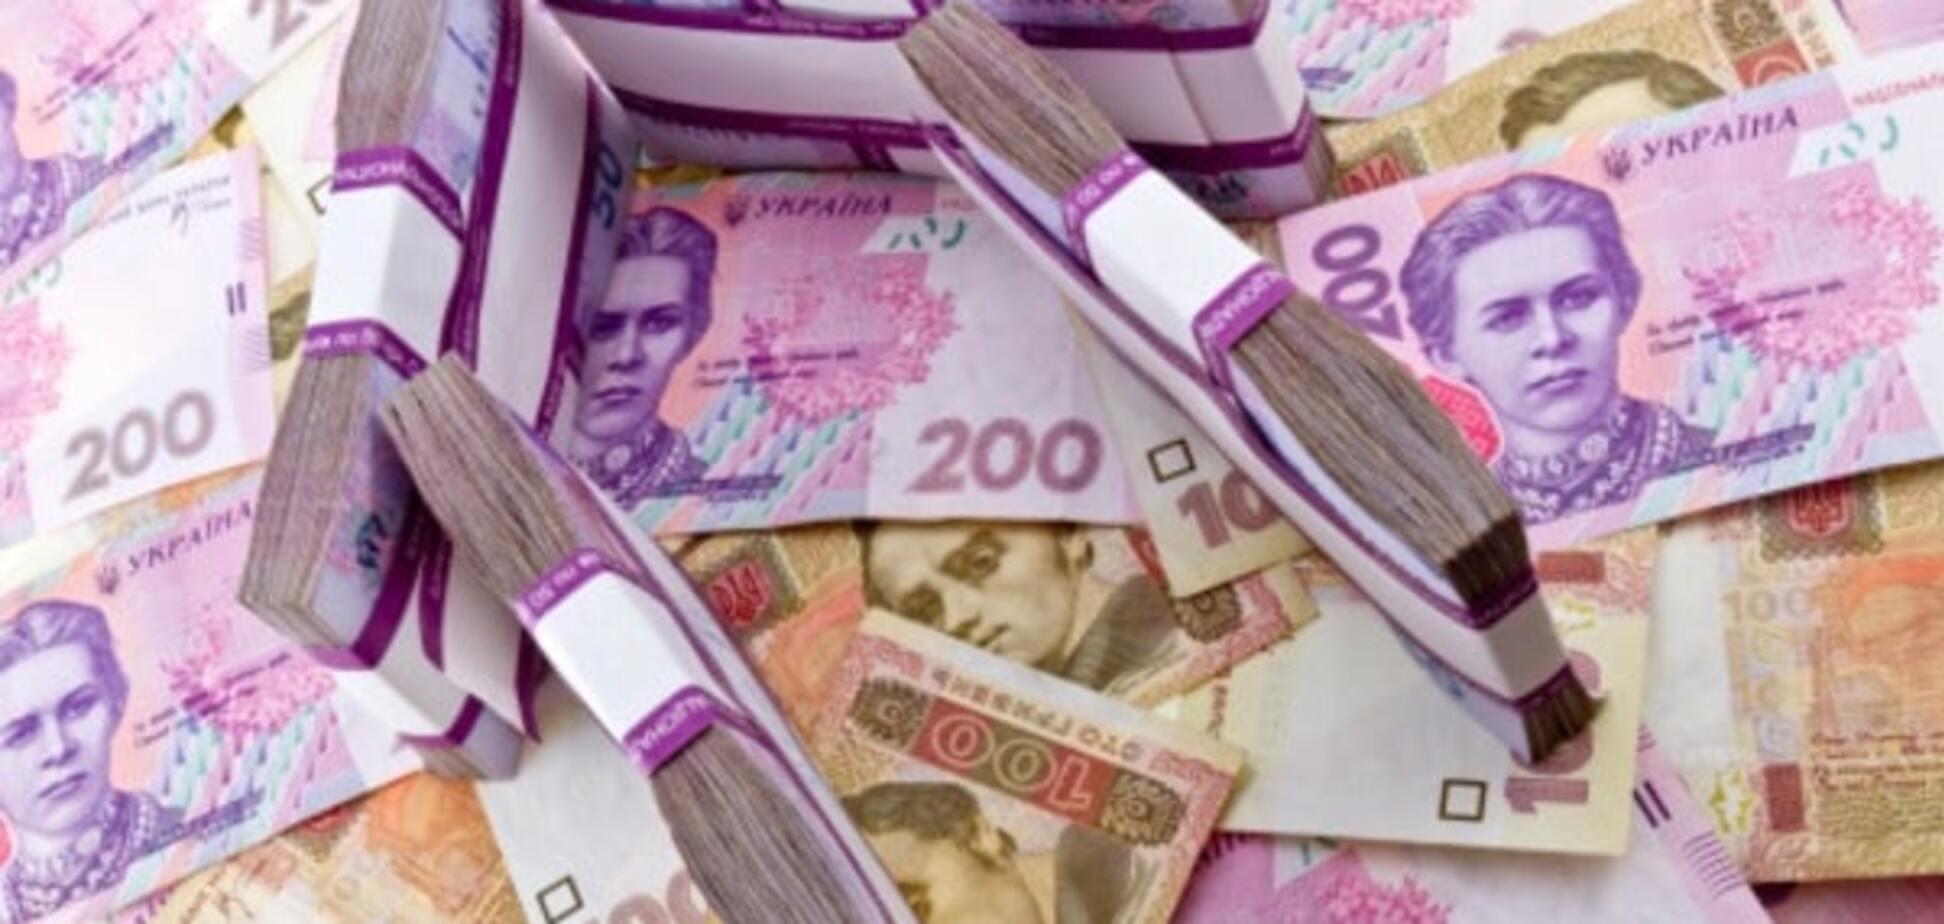 Урожайный год: ГФС собрала для бюджета Украины более 0,5 трлн гривен